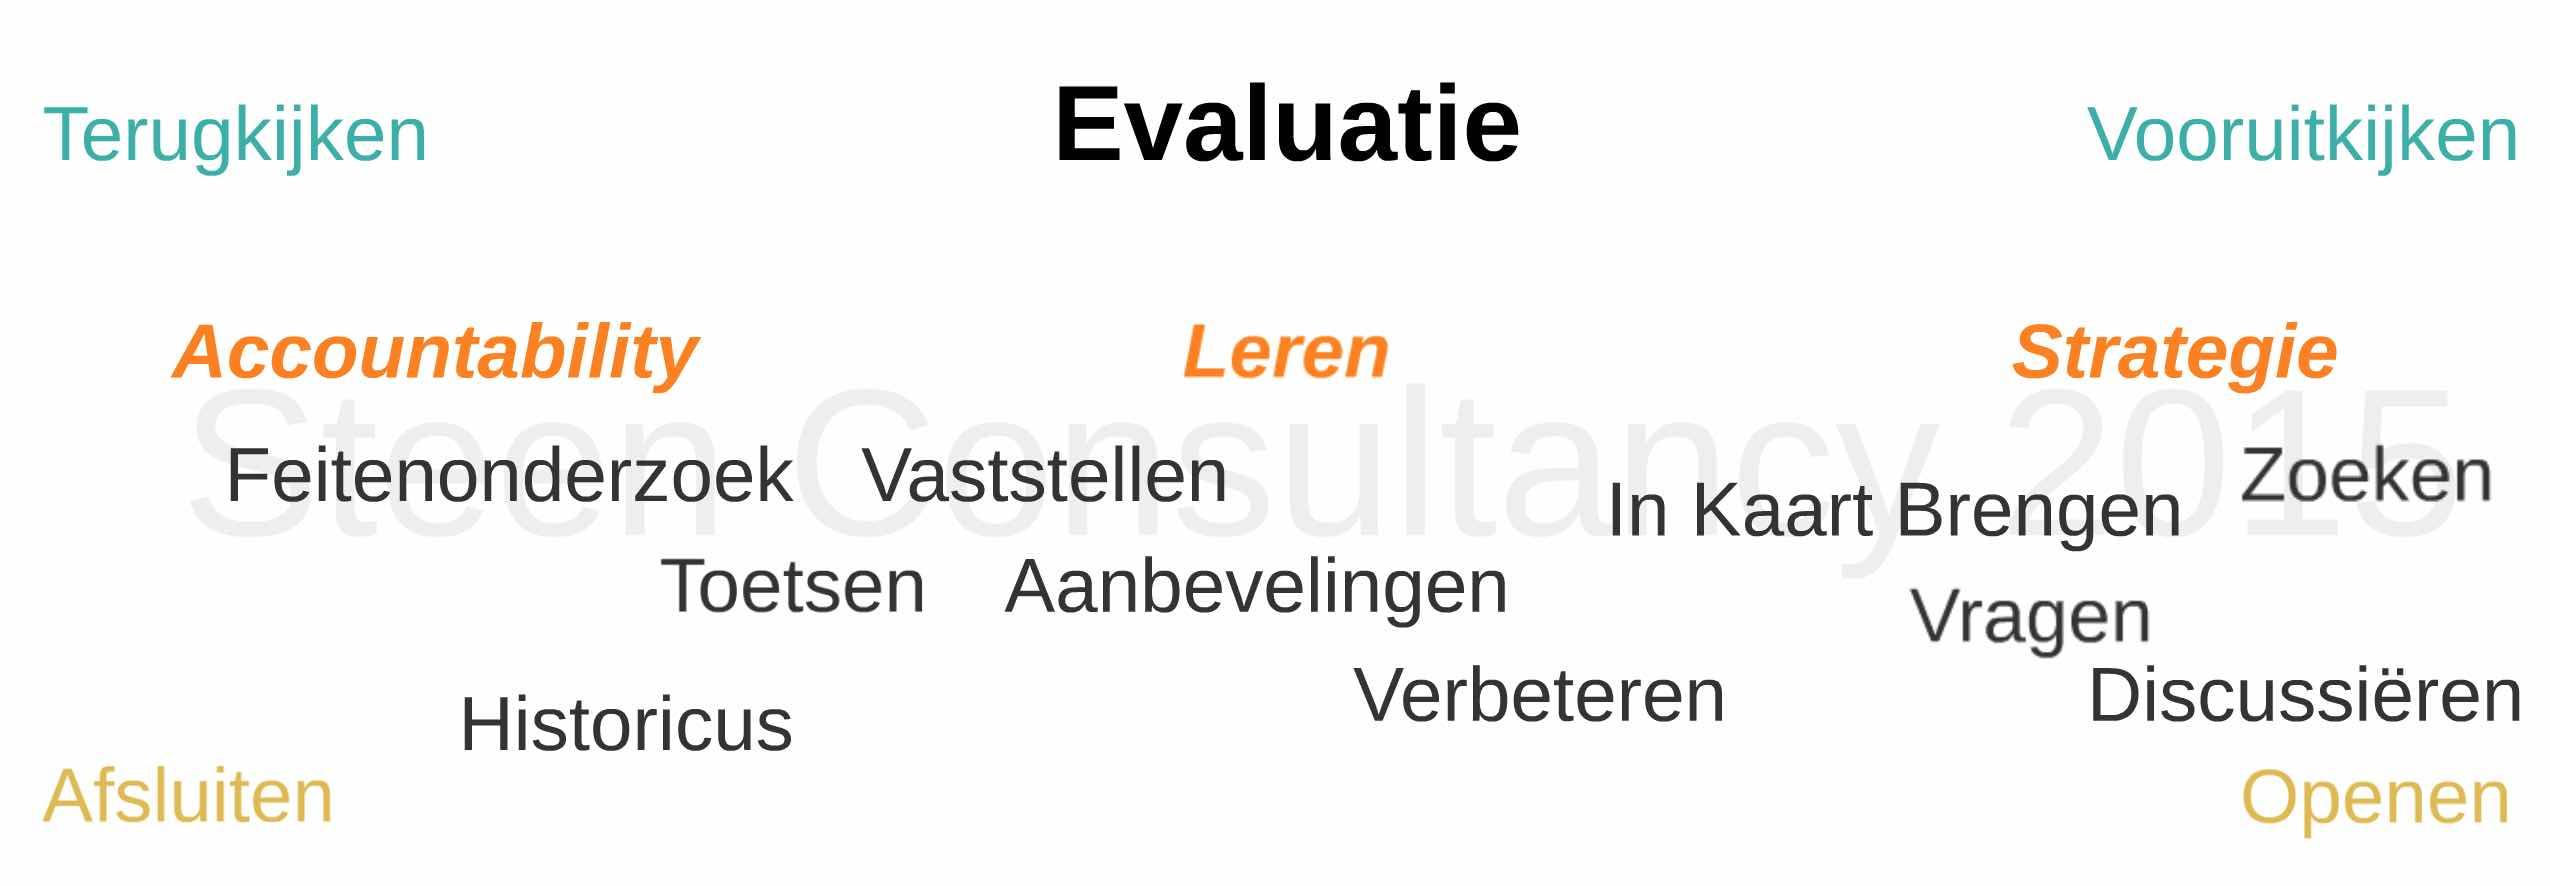 Evaluatiespectrum NL versie